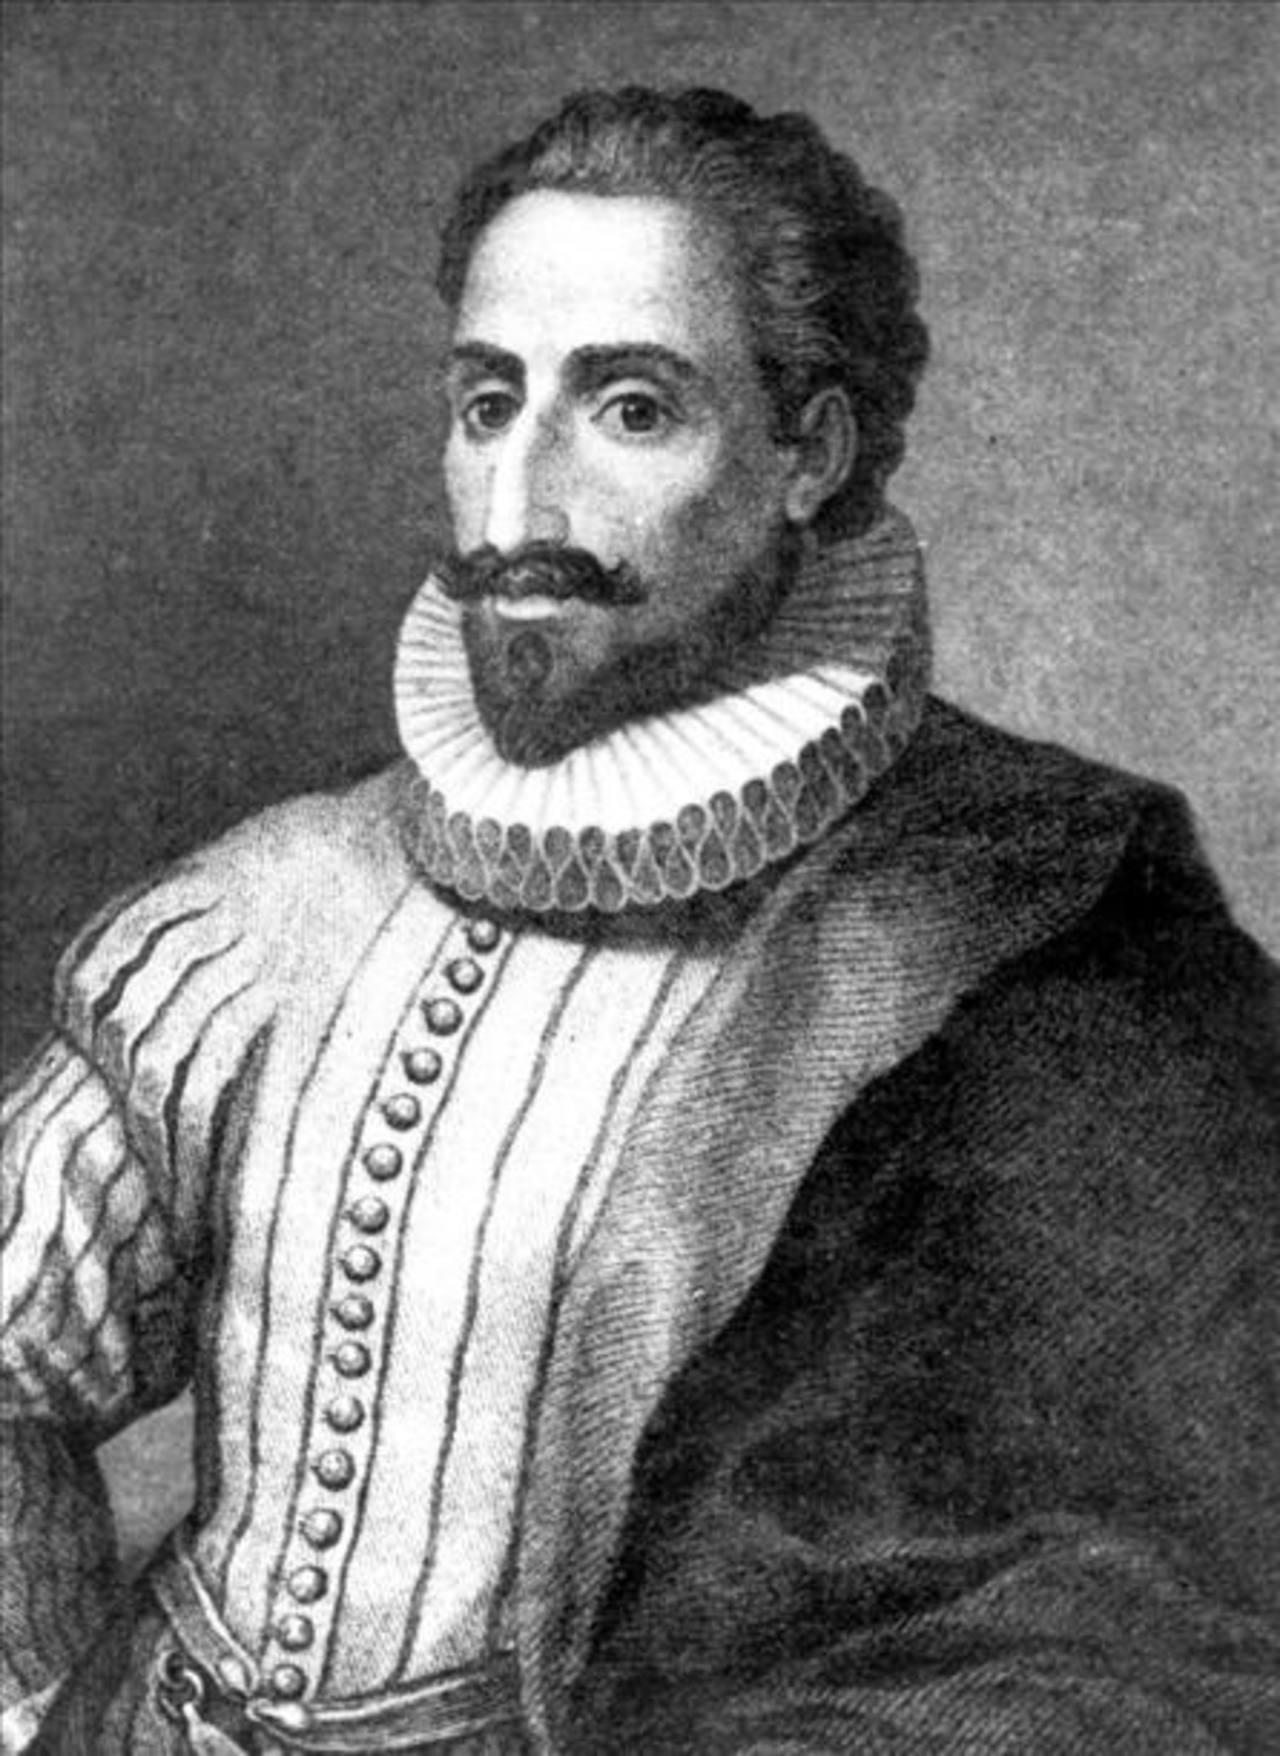 Retrato del escritor Miguel de Cervantes Saavedra.